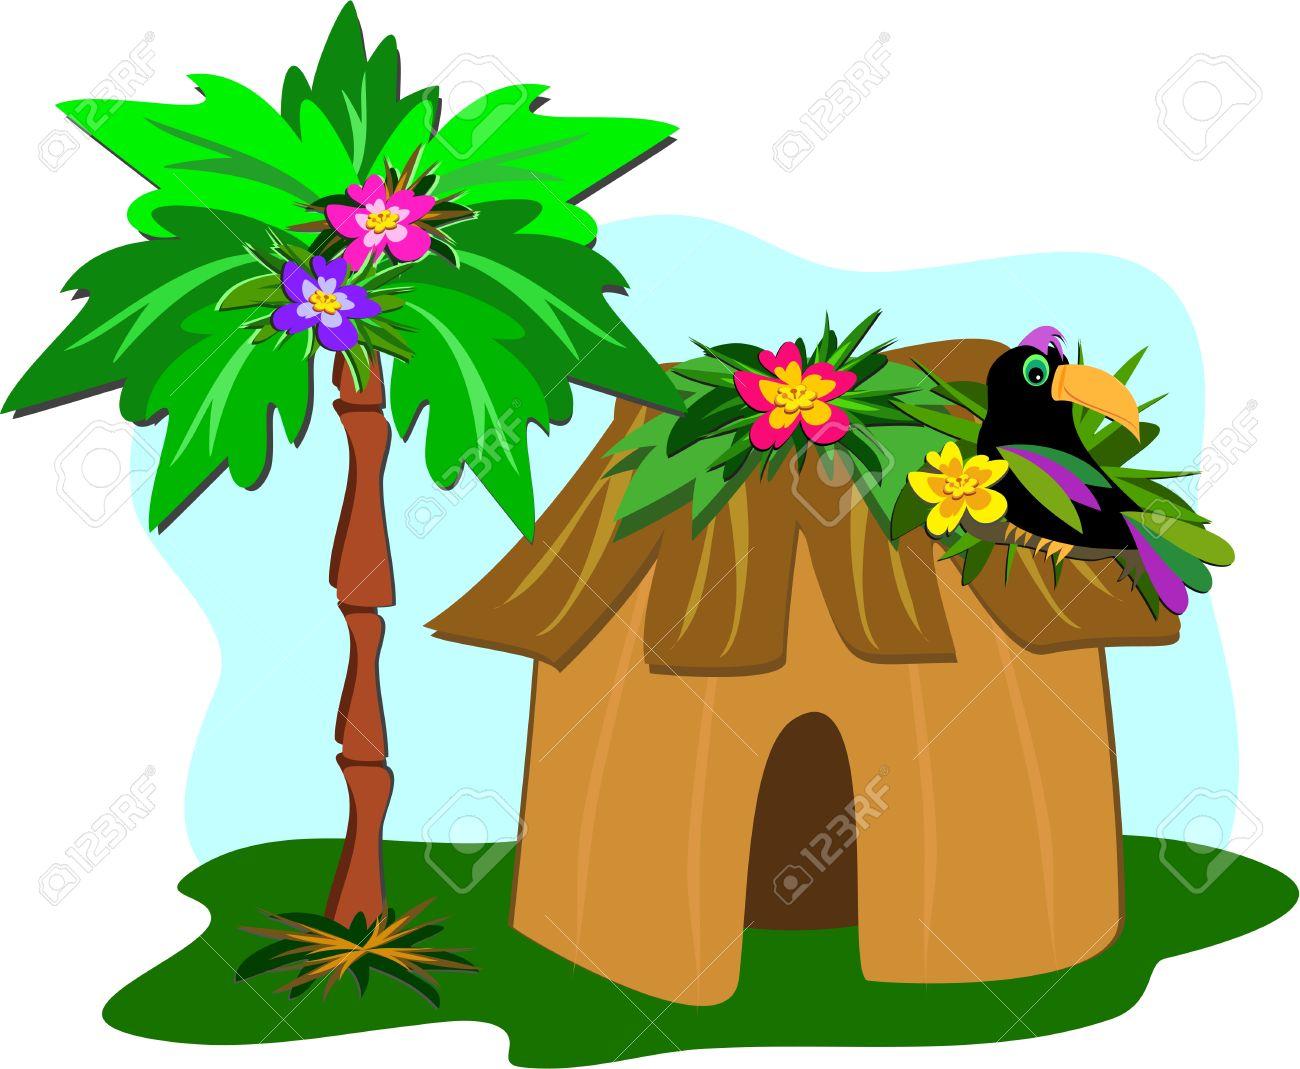 Palm grass clipart #12